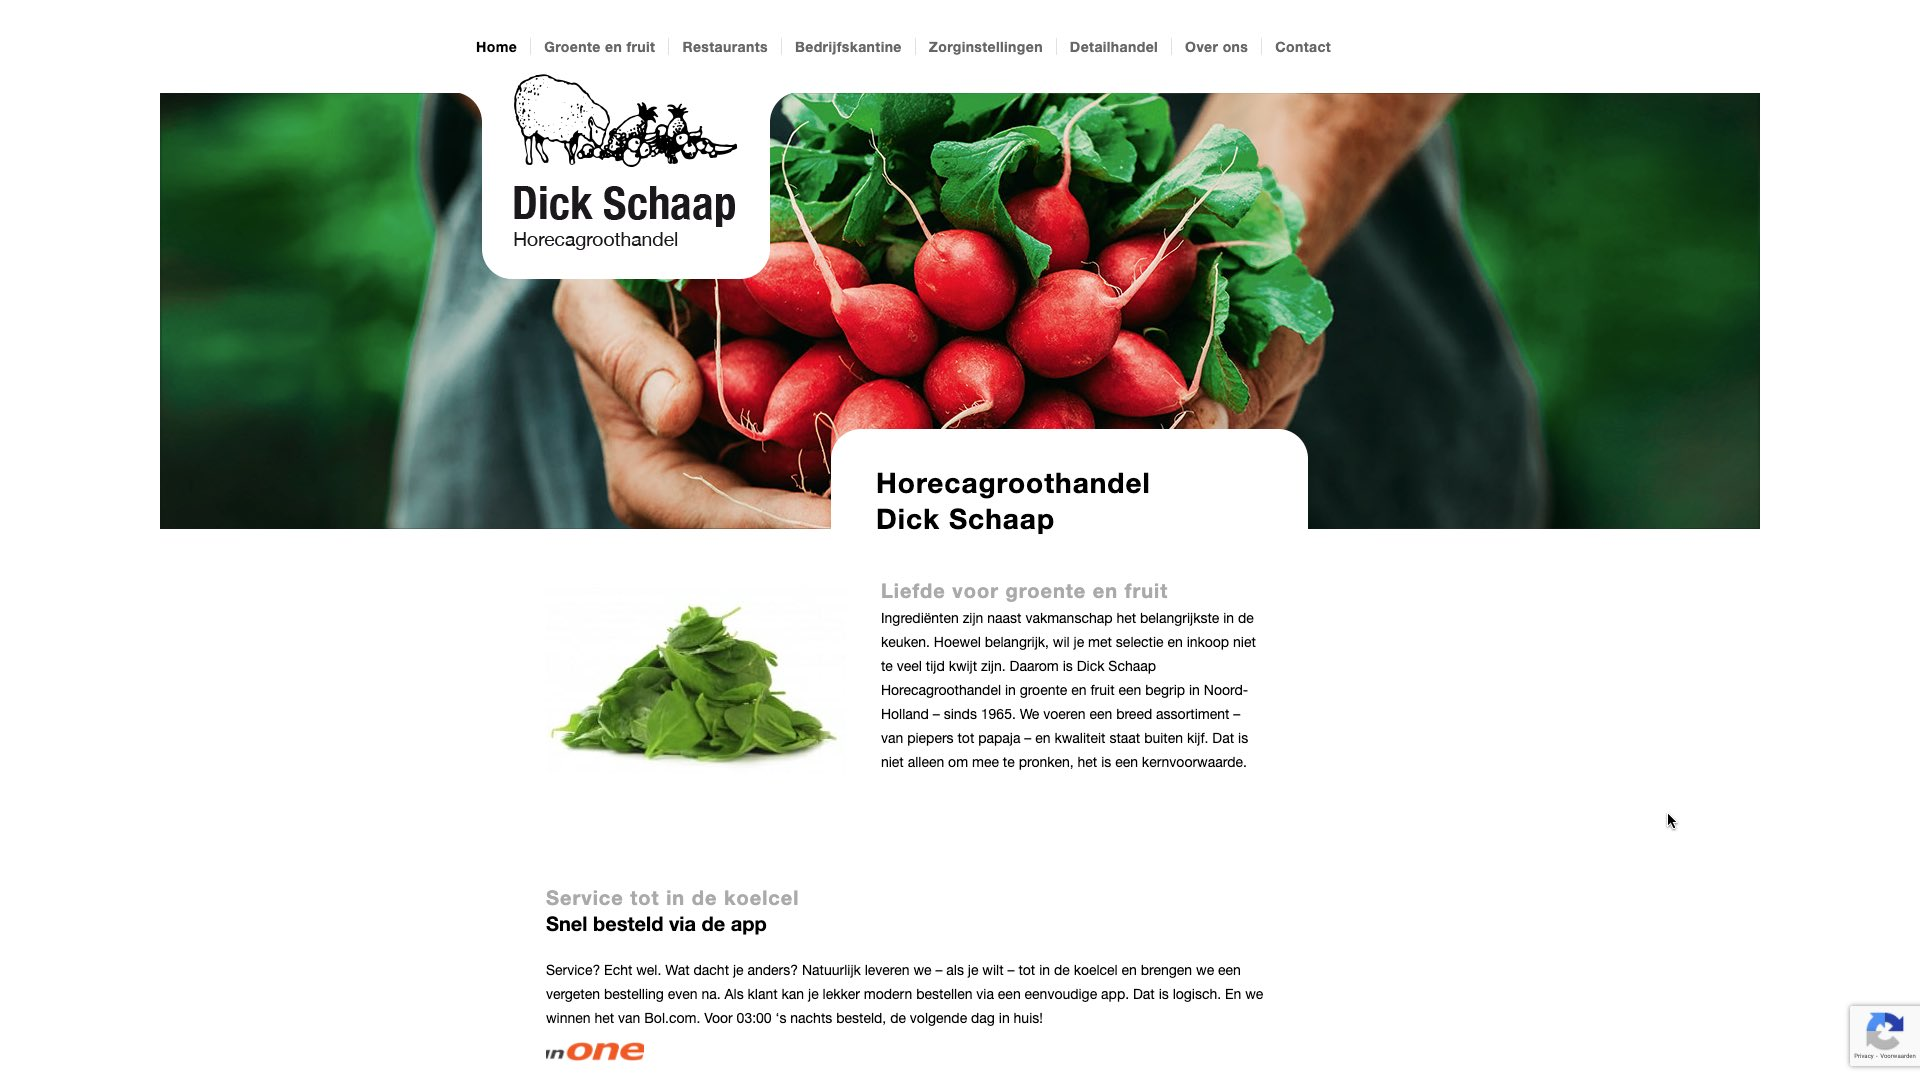 Dick Schaap Horecagroothandel